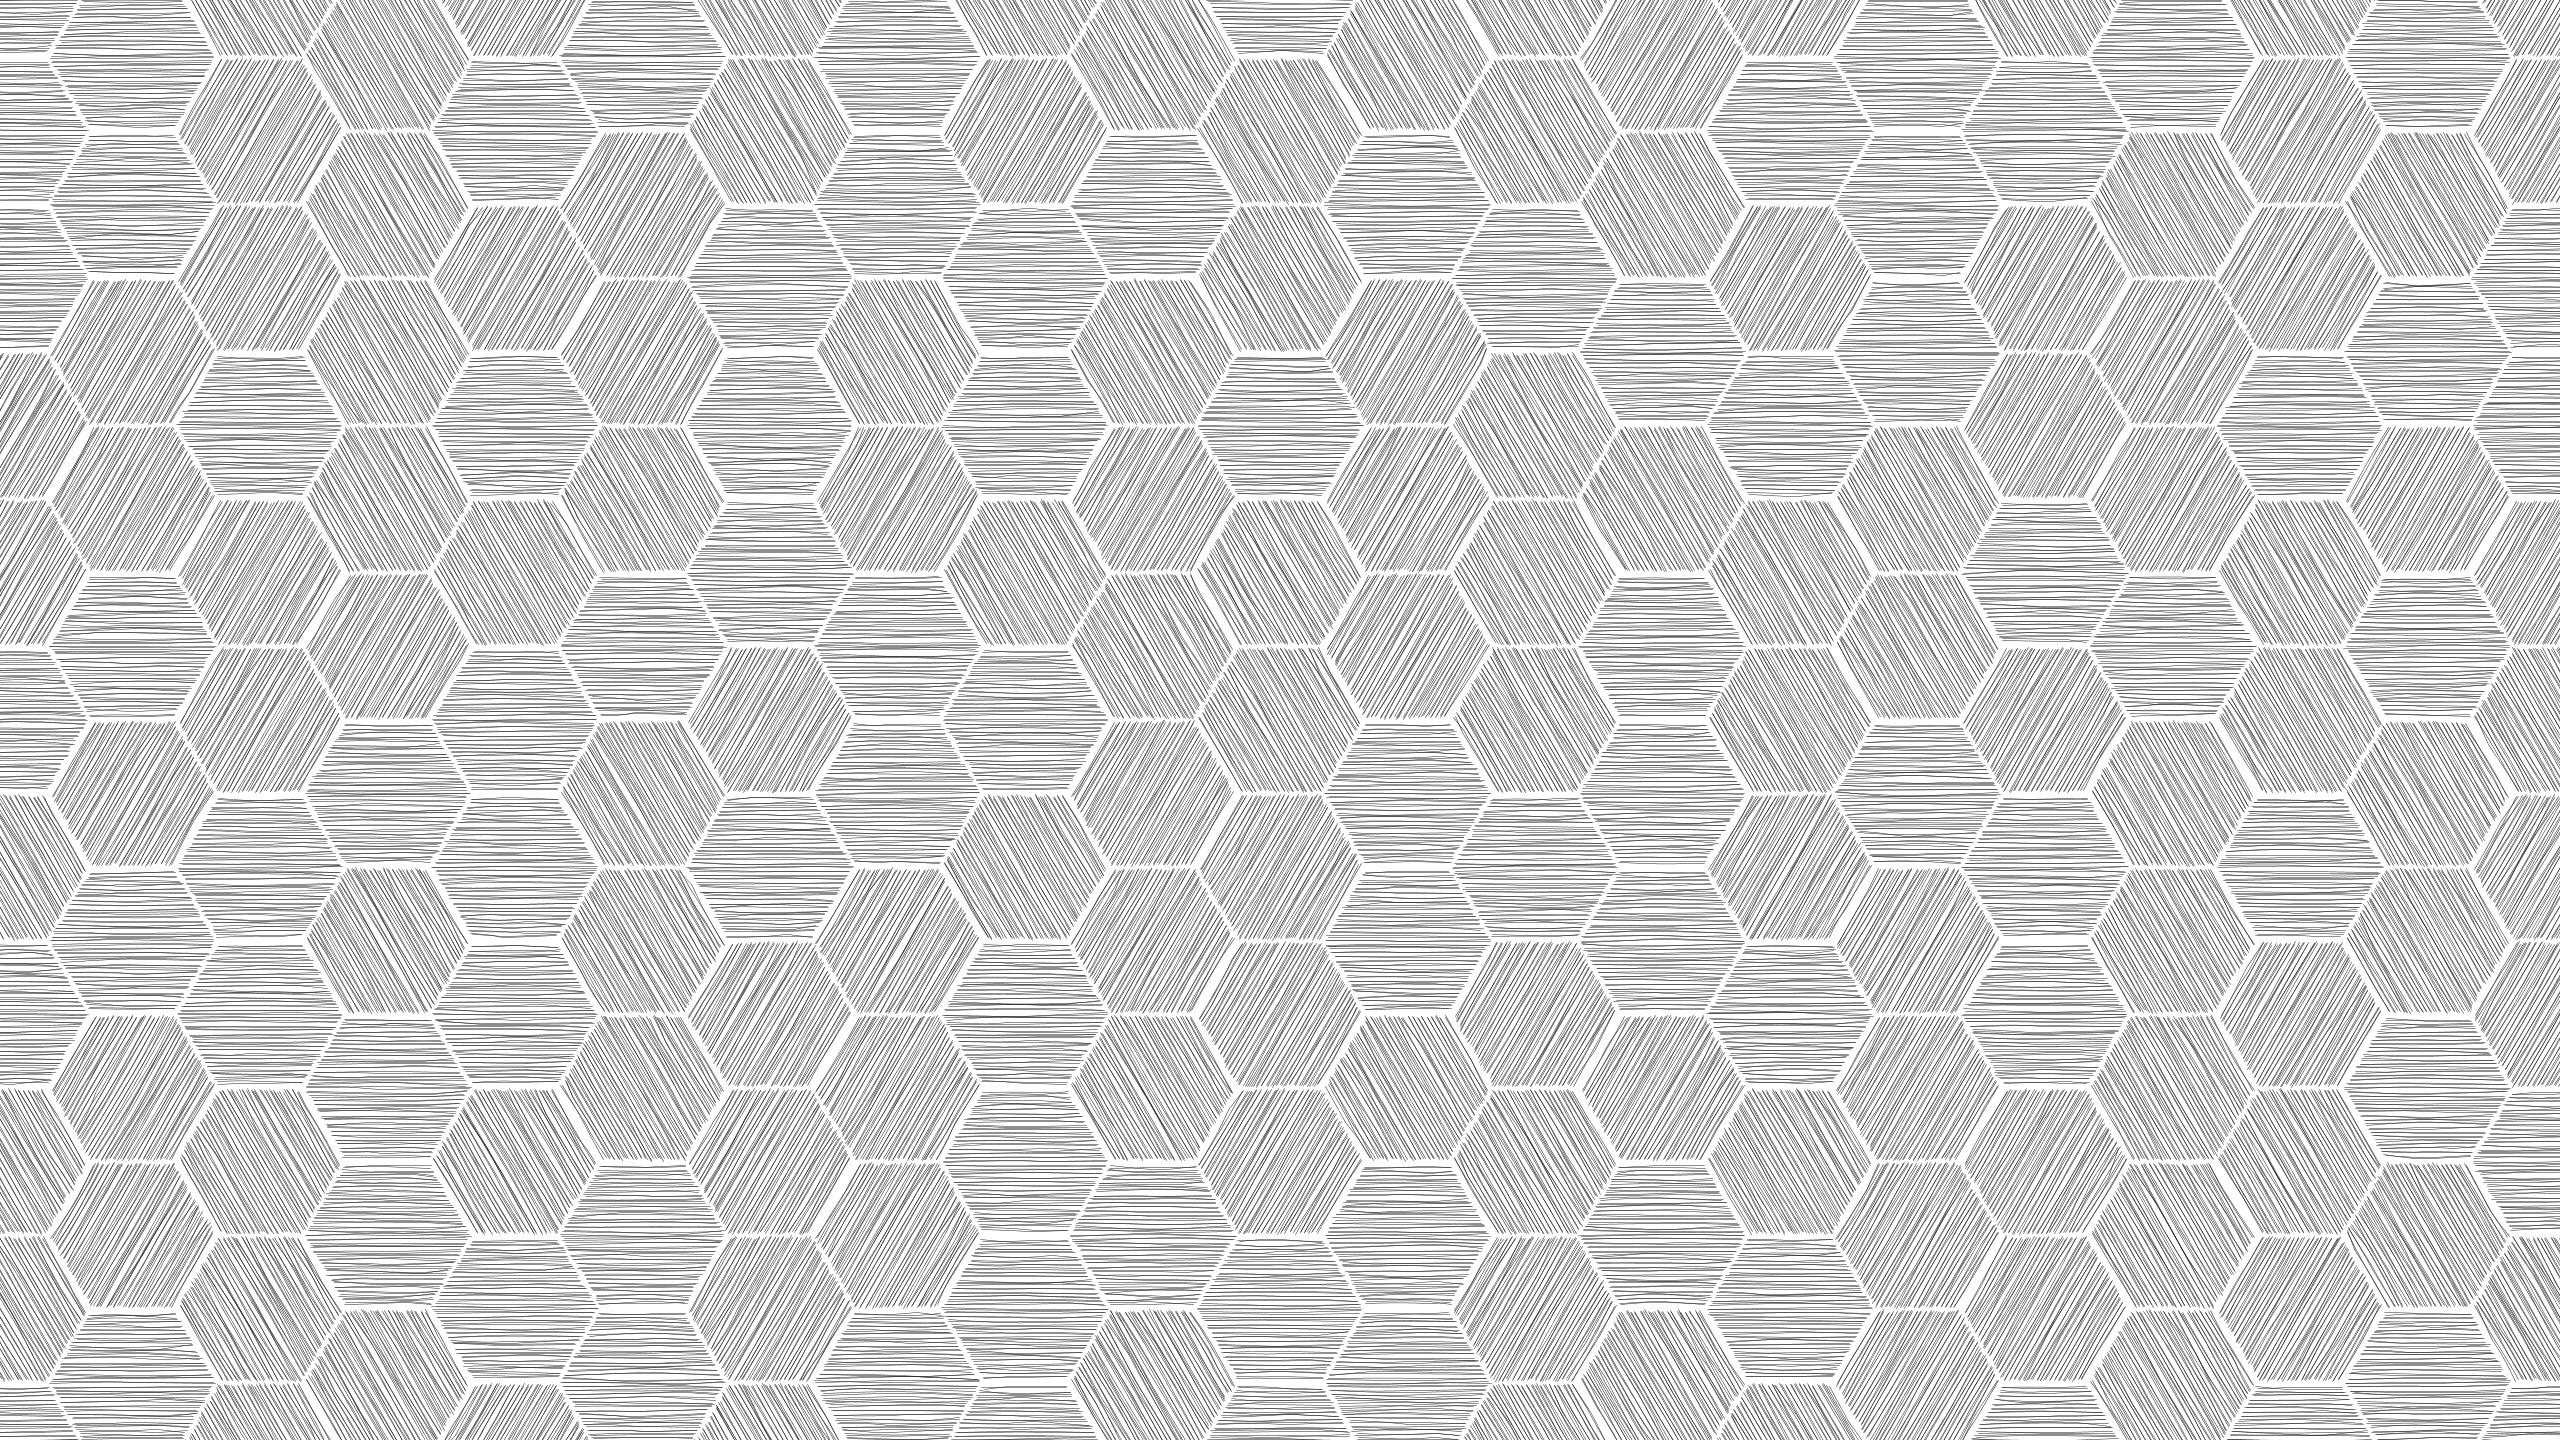 C Sketchy Hex Pattern